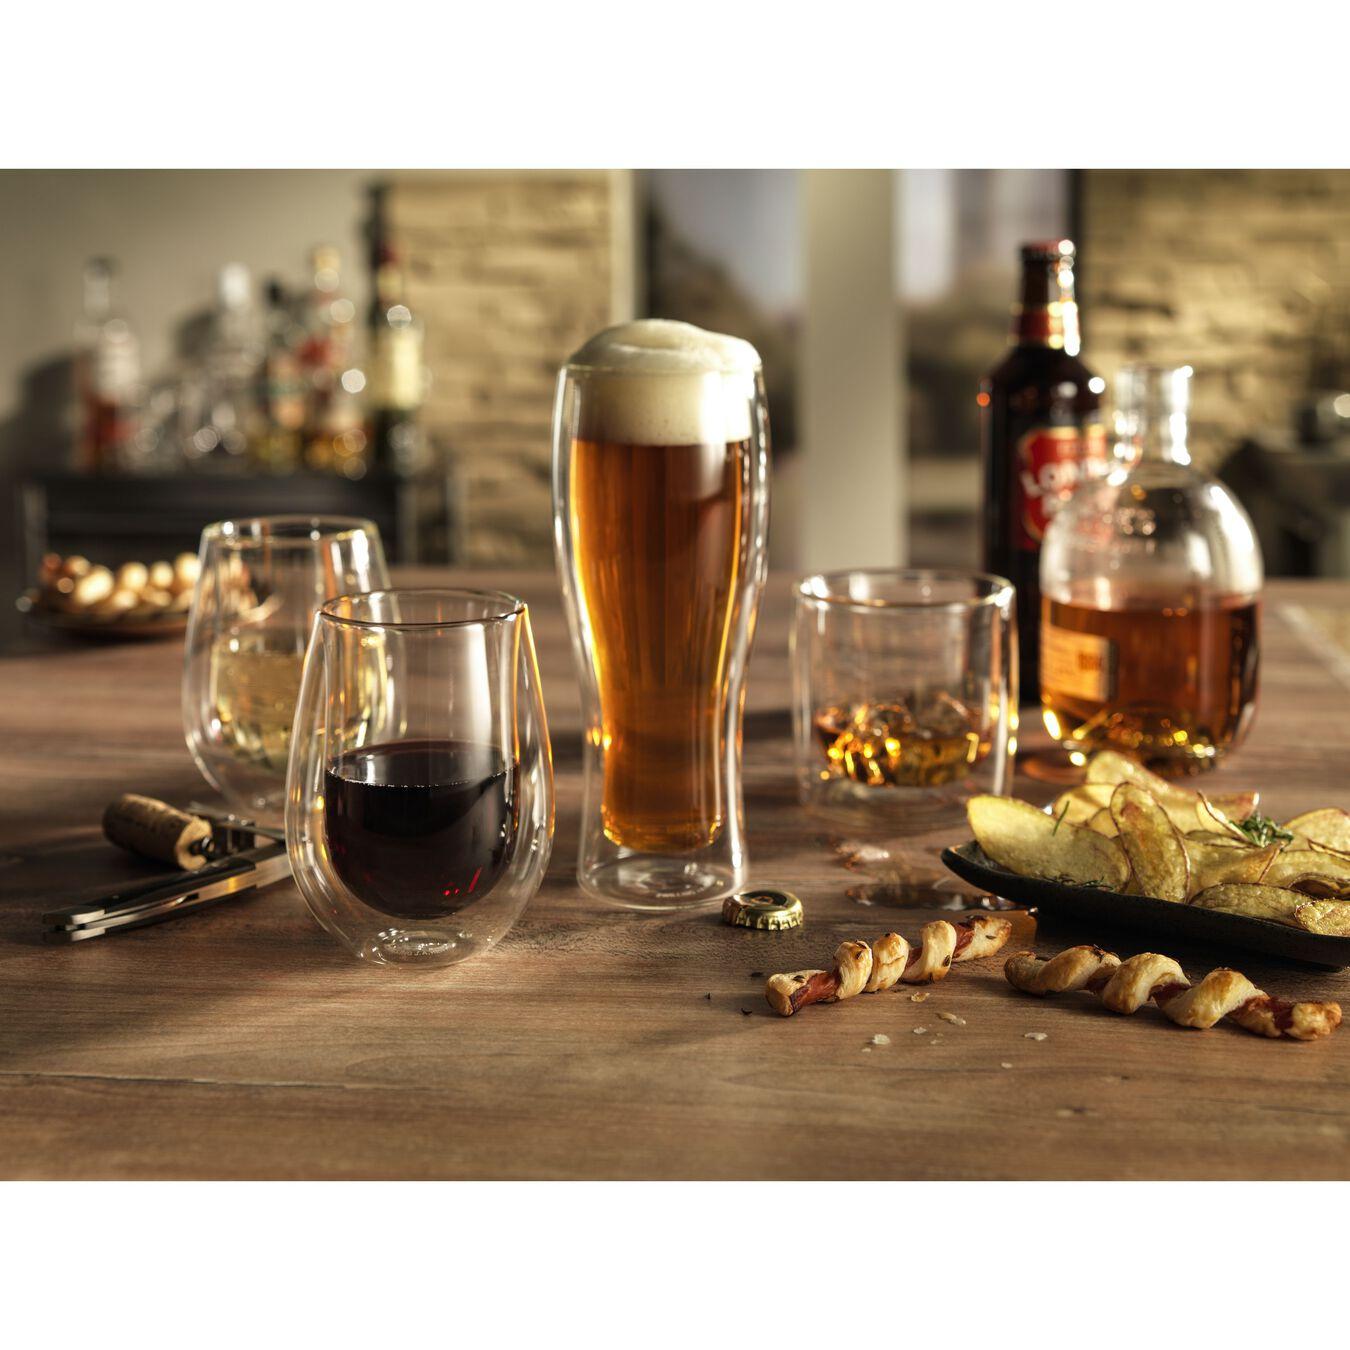 2-pcs Service de verres à bière,,large 3